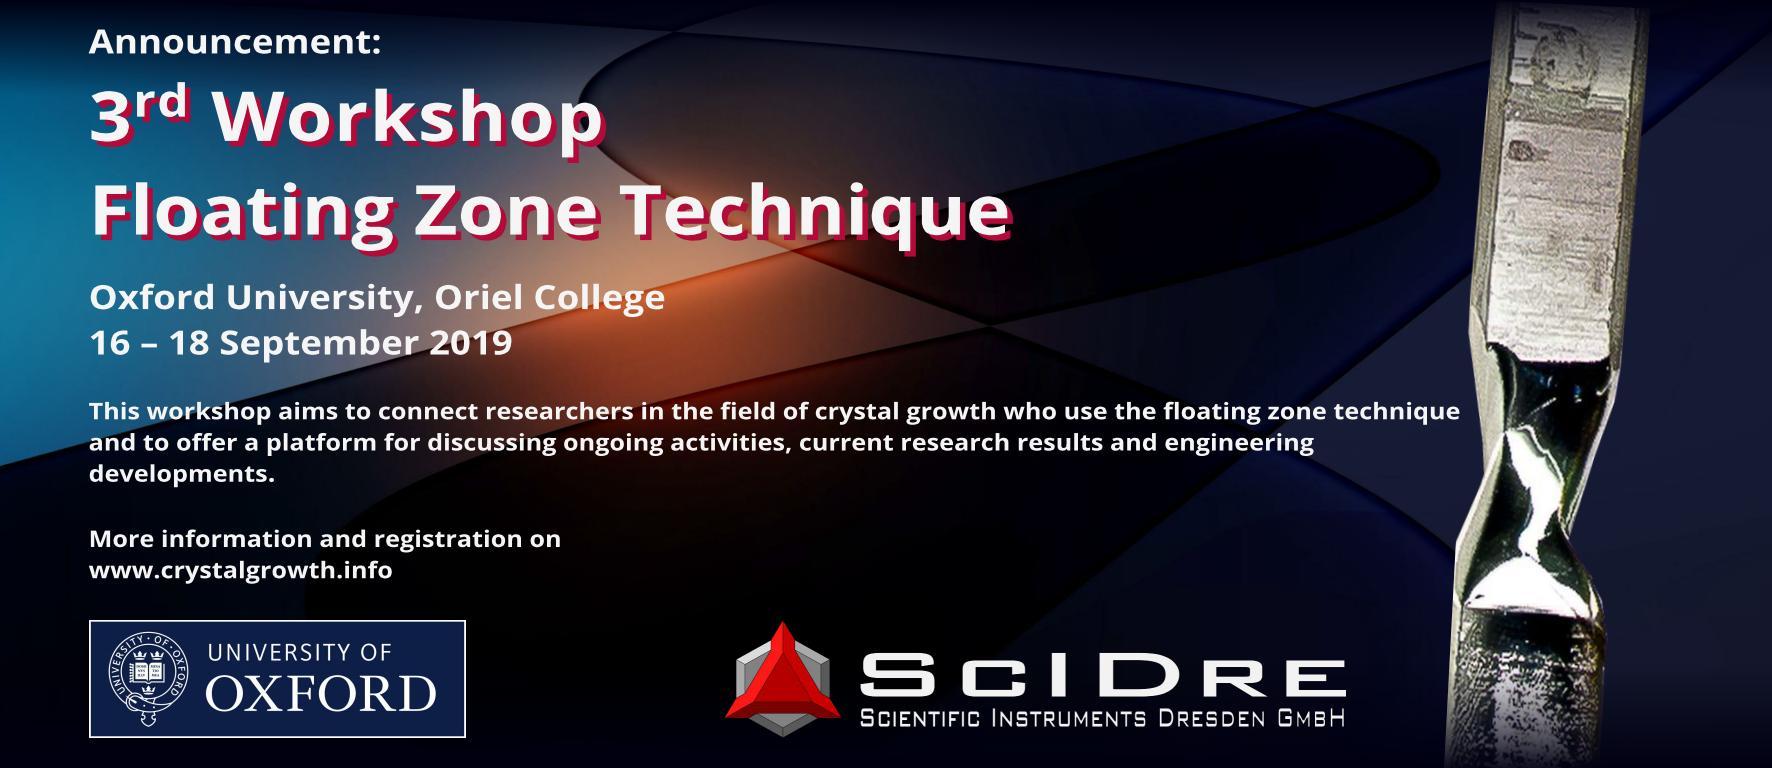 德国SciDre公司与牛津大学奥瑞尔学院联合举办第三届浮区技术研讨会